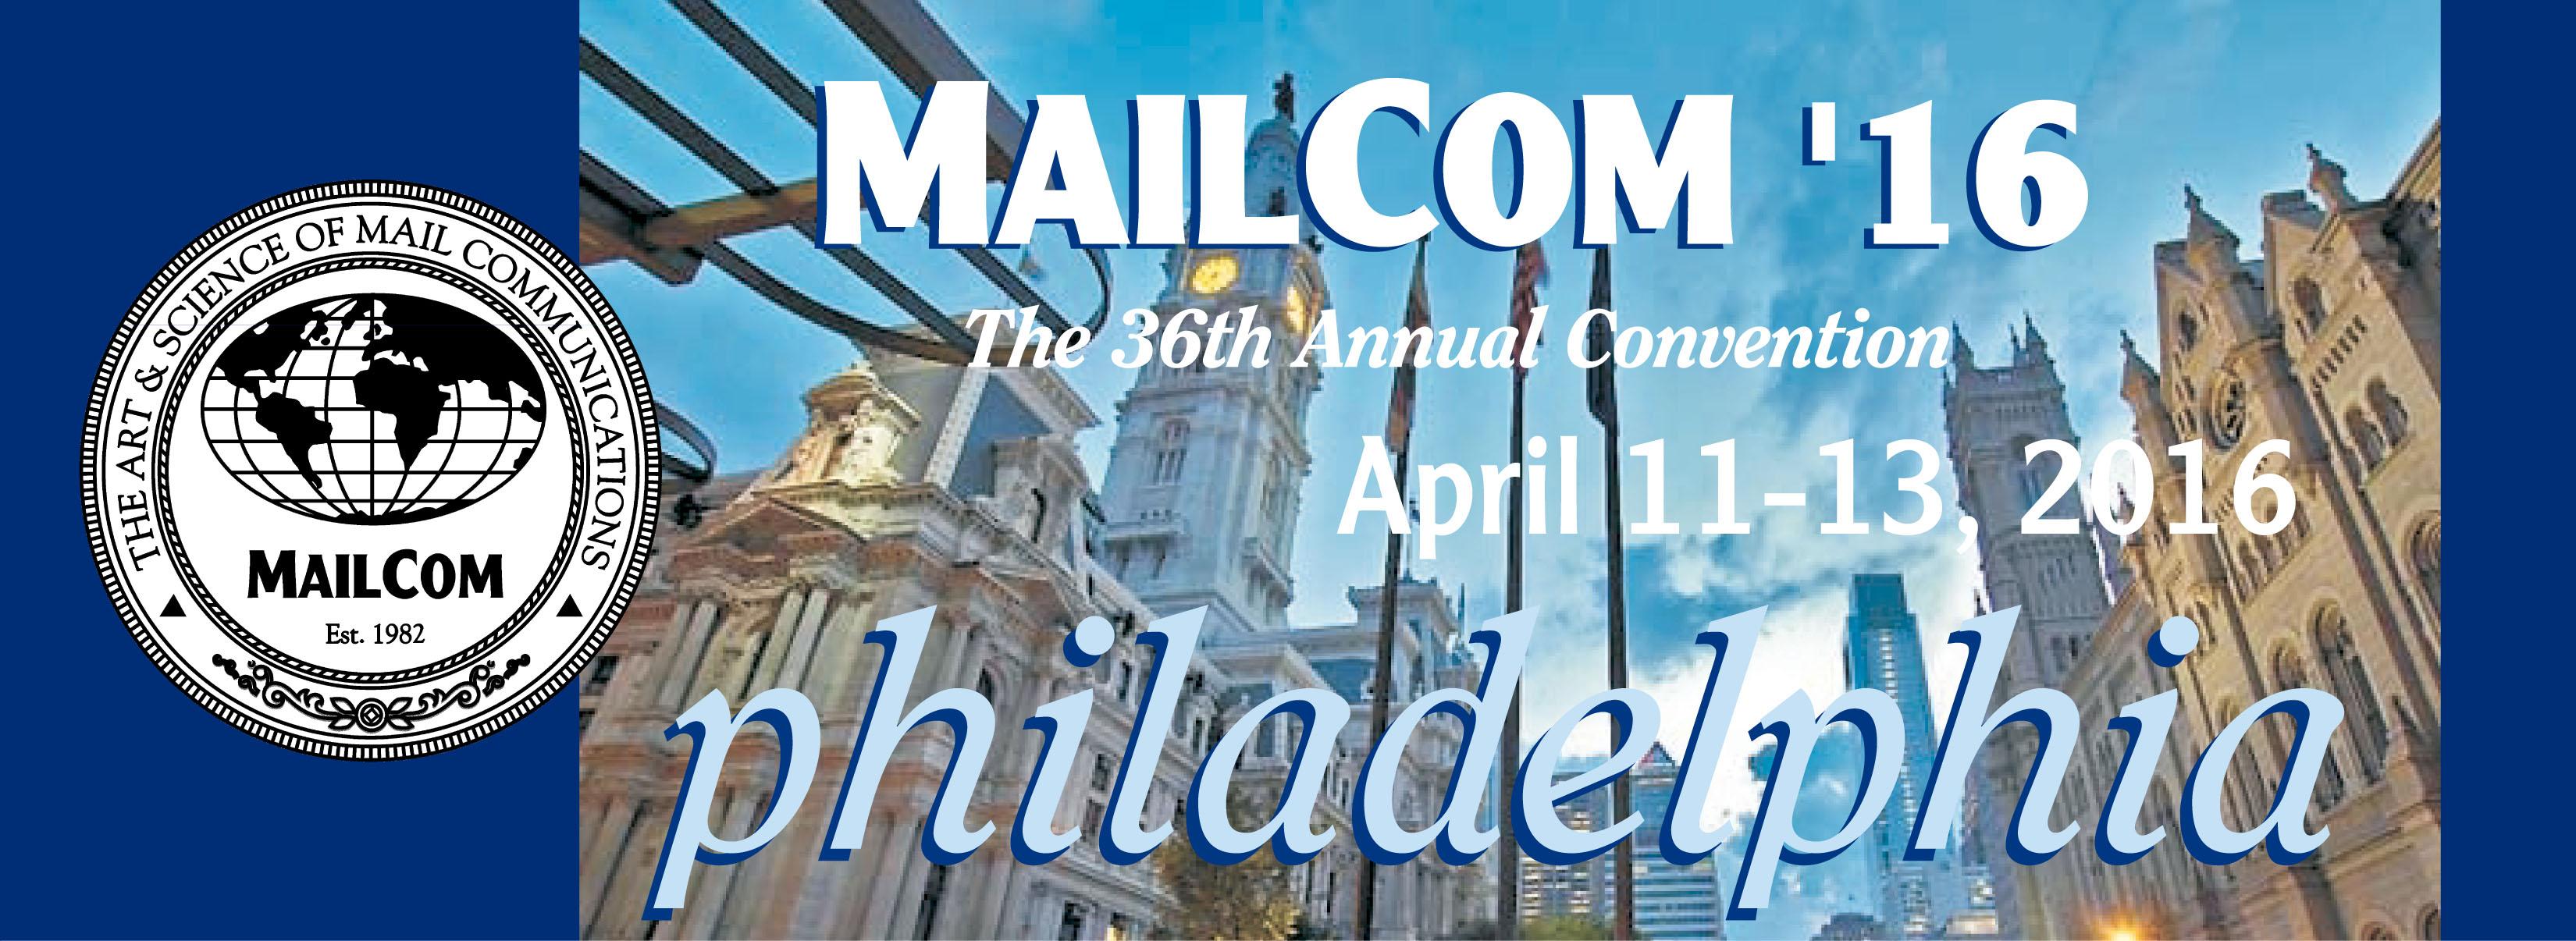 mailcom-header-copy